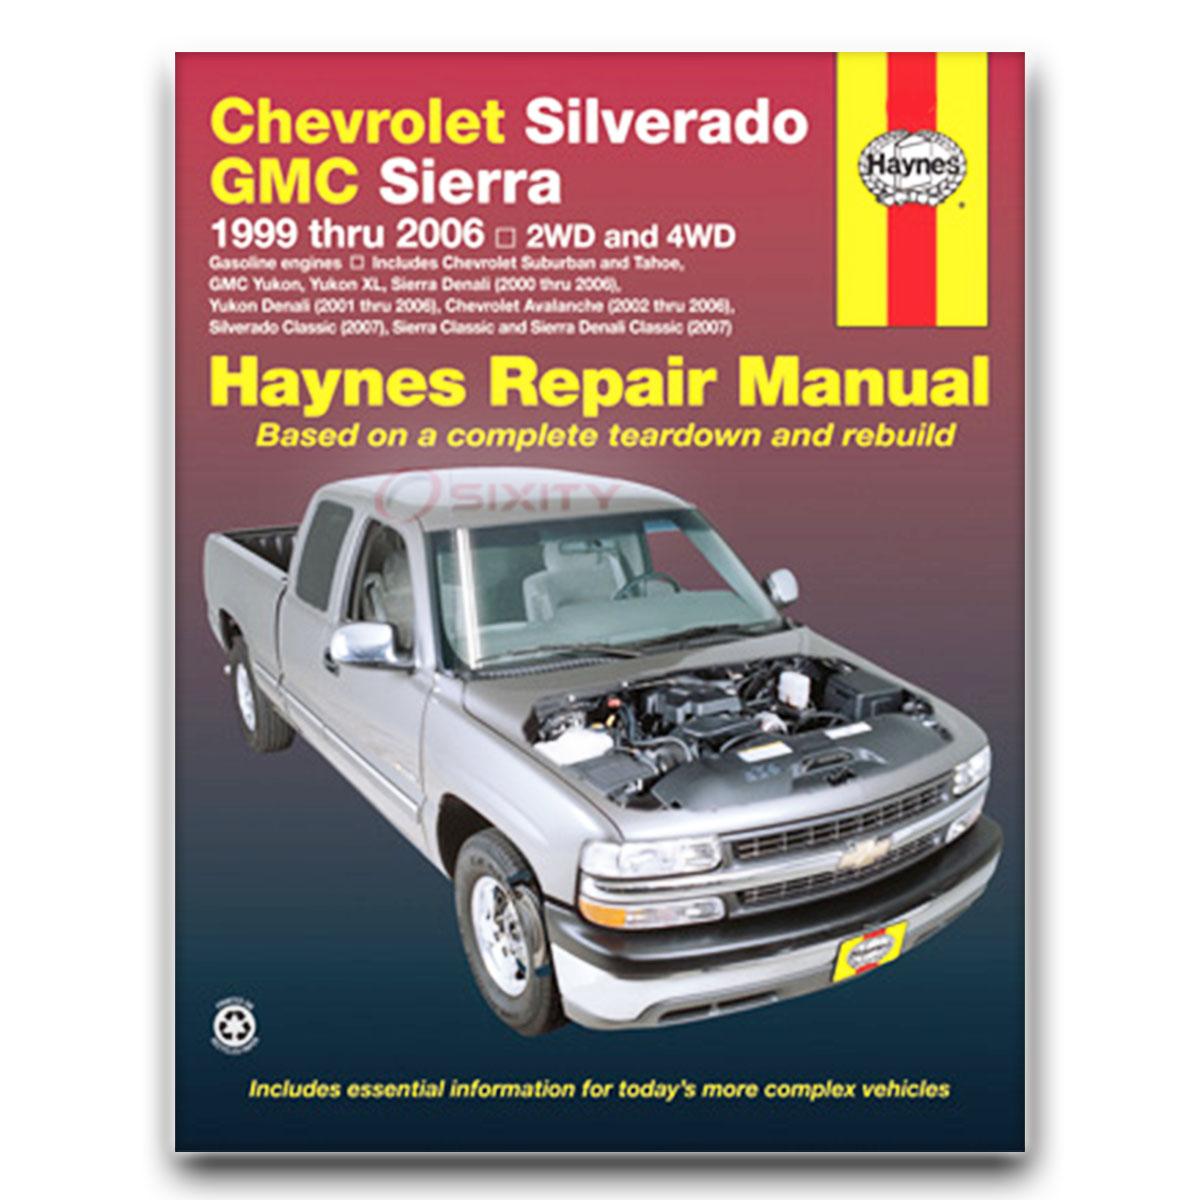 Haynes Repair Manual 24066 for Chevrolet Silverado Pick-up 99-06 Shop wc